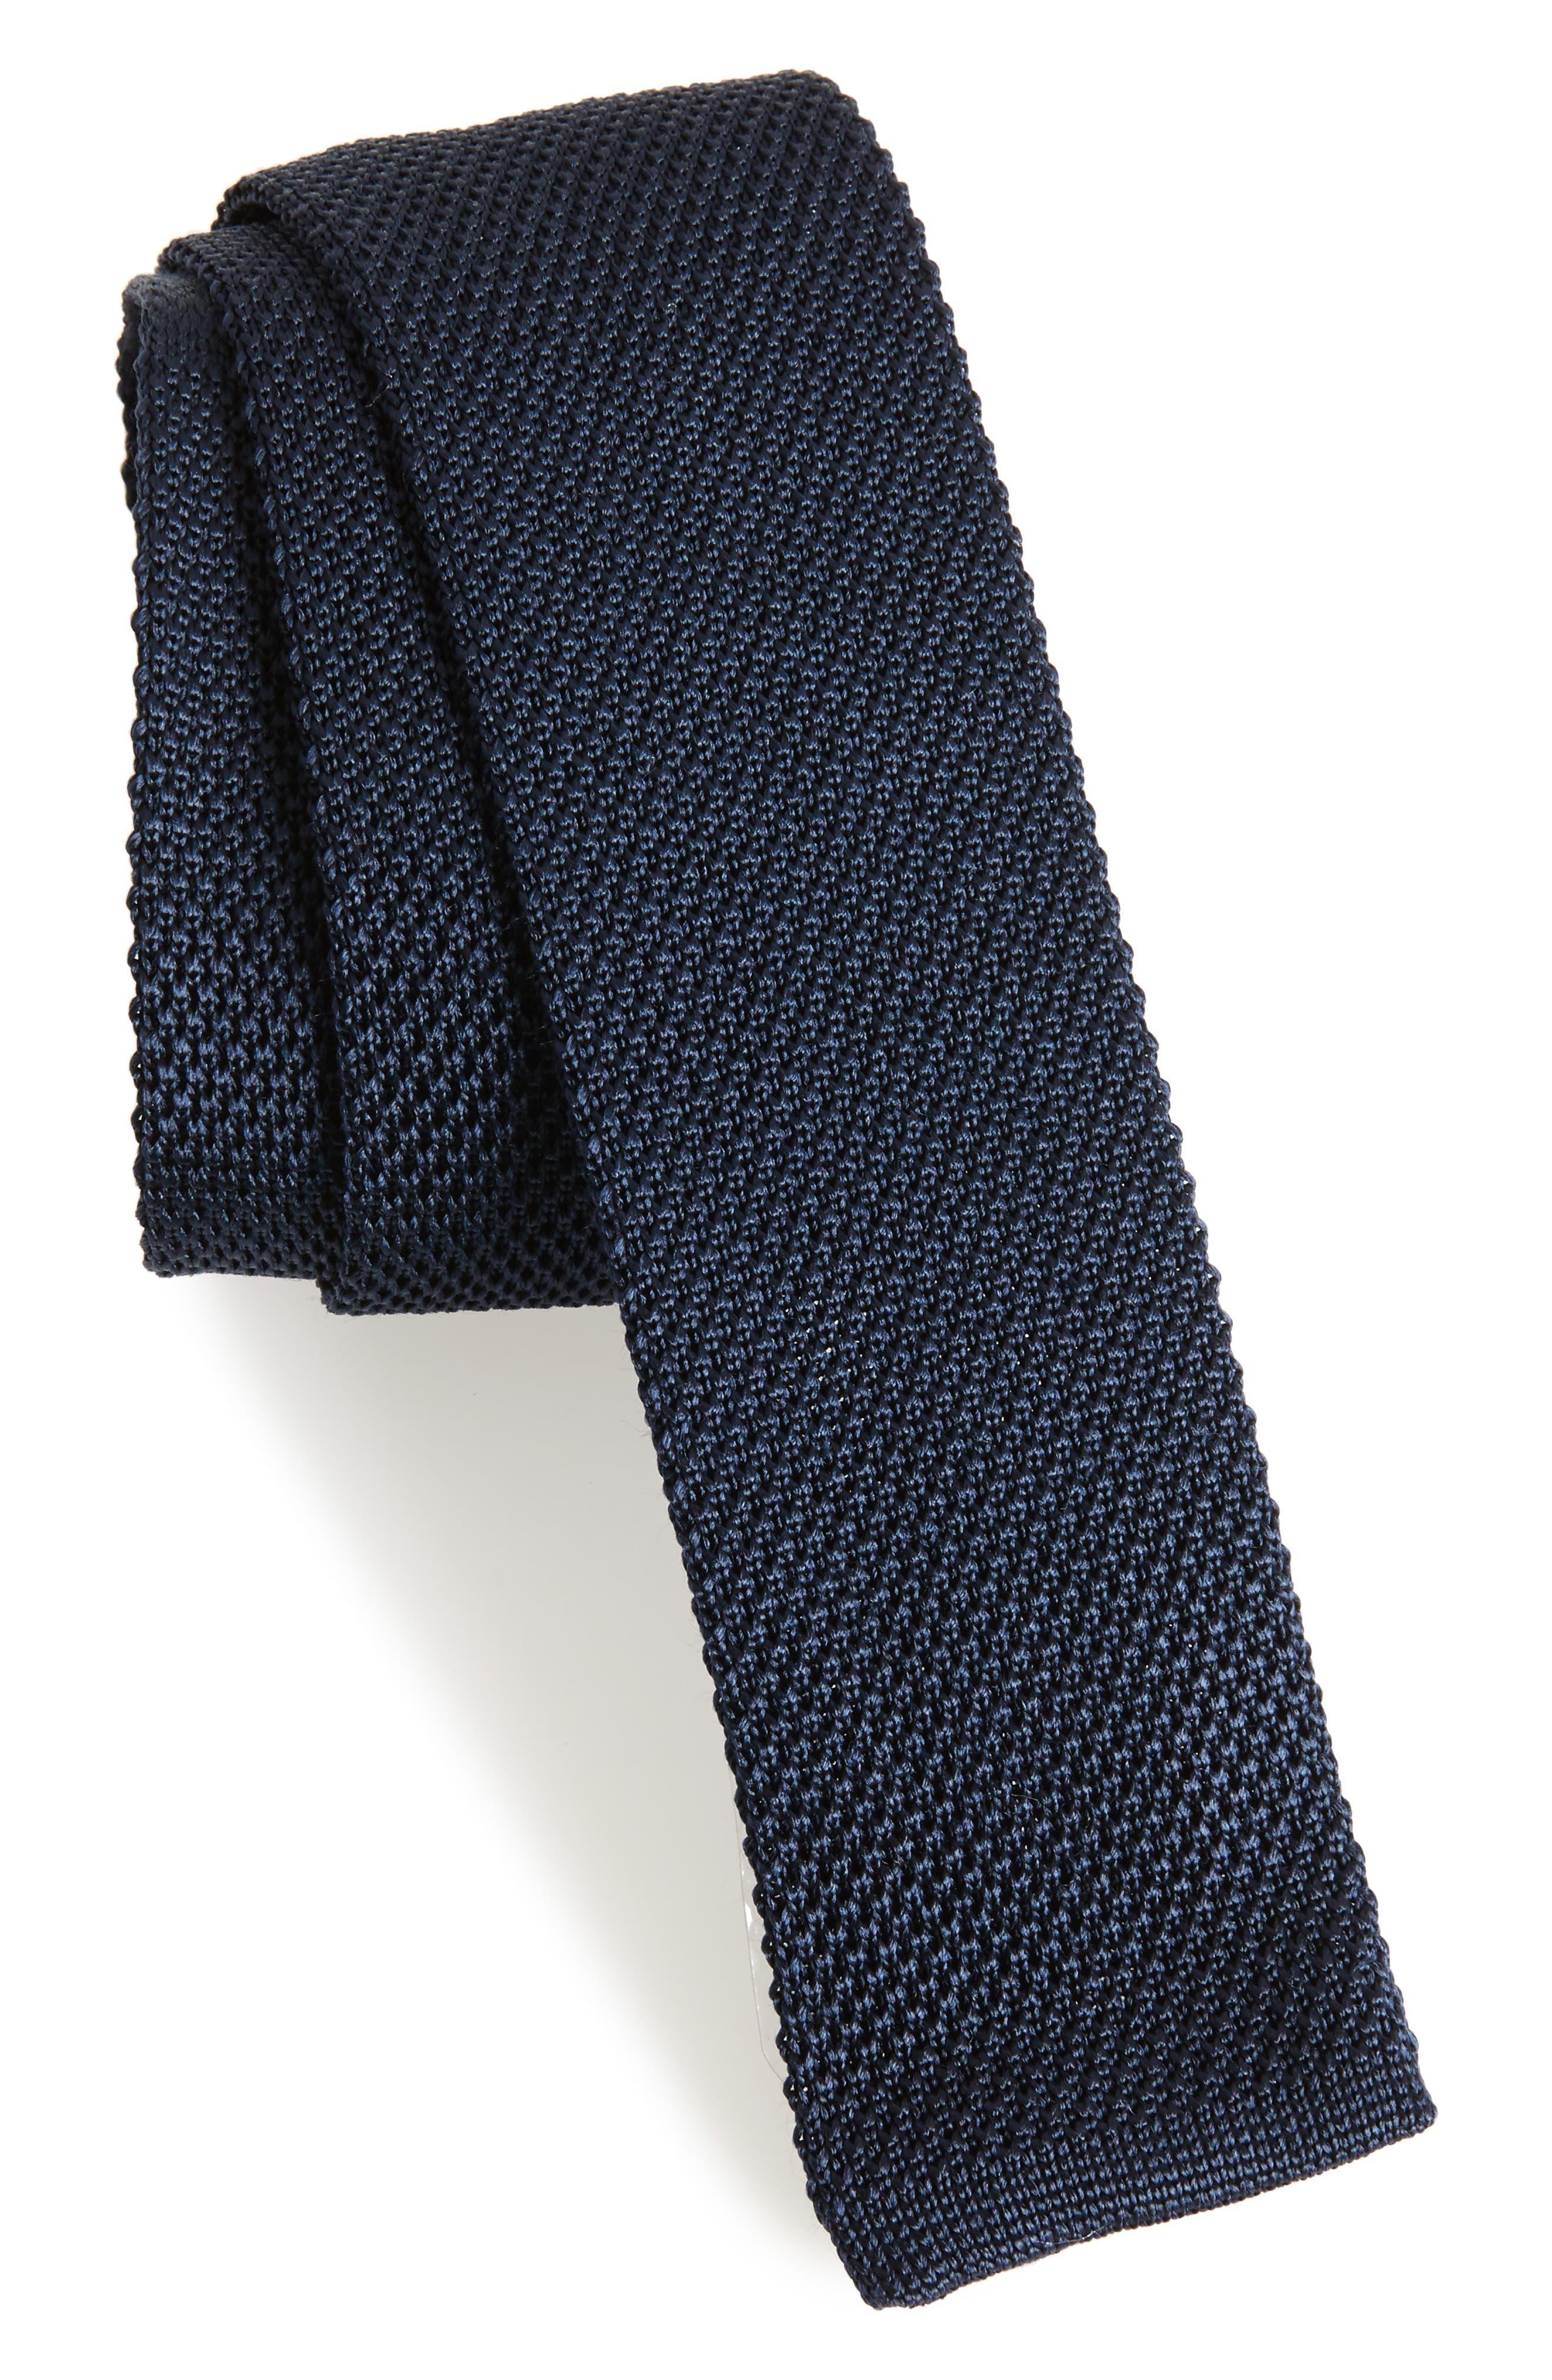 Solid Knit Silk Tie,                         Main,                         color, Navy